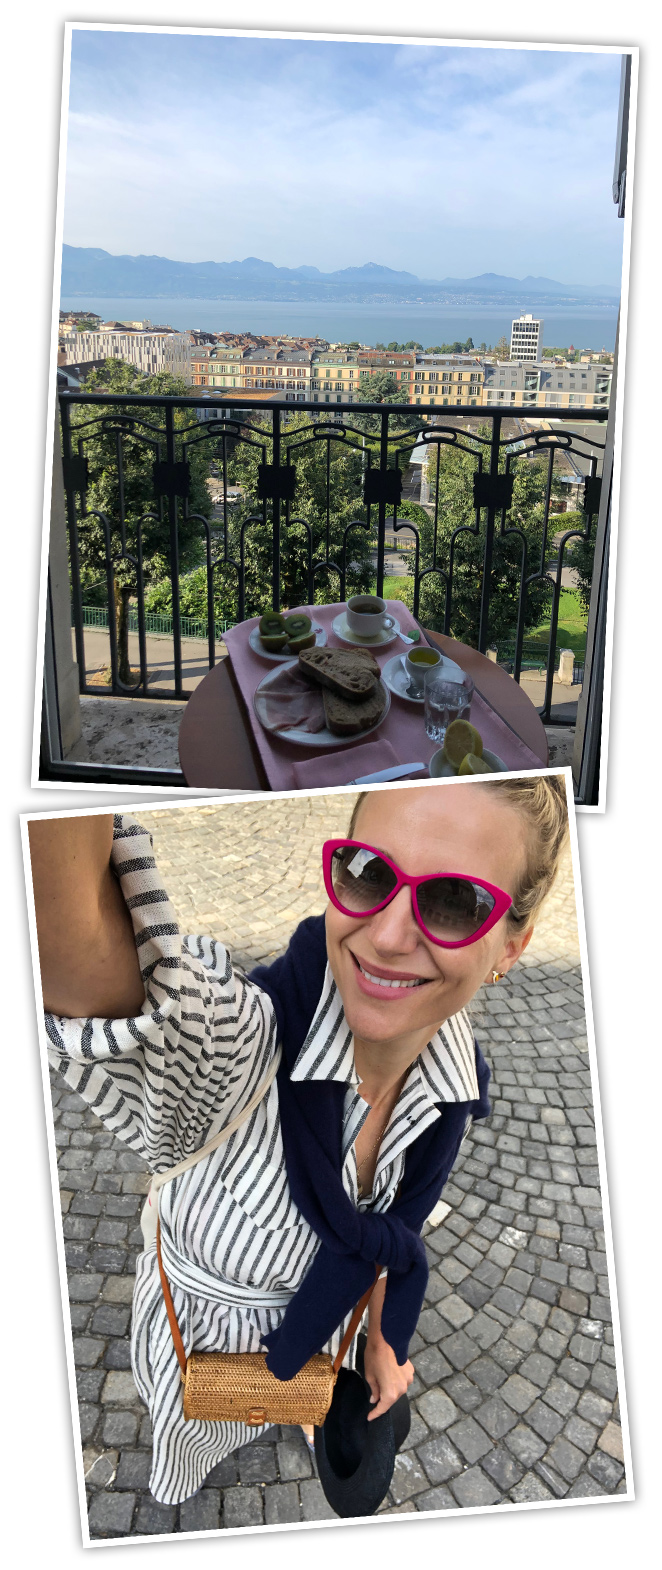 Otro de los puntos fuertes de Lausana es su gastronomía y durante el fin de semana que pasé allí tuve la oportunidad de poder disfrutarla a tope. Me encantaron los desayunos en mi habitación del Hotel de la Paixcon preciosas vistas al lago que hacían que empezaras el día con una energía especial.